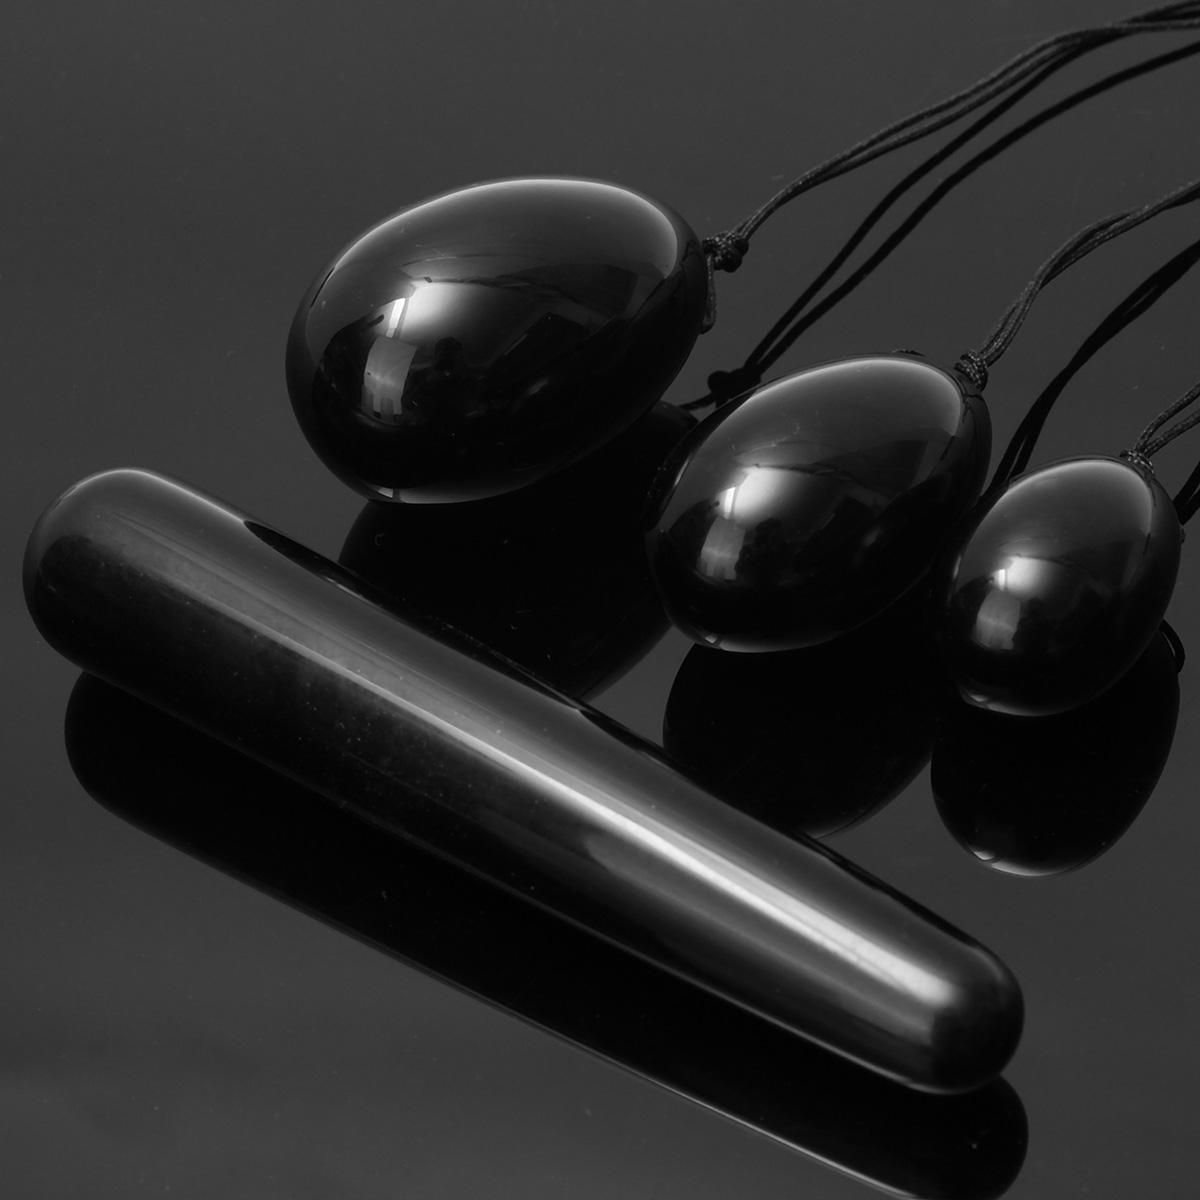 3 unids Negro De Cristal De Cuarzo Yoni Huevos Con Cuerda Masaje Varitas Huevos De Jade Bola Para Mujer Ejercicio Vaginal Muscular Herramienta De Cuidado De La Salud